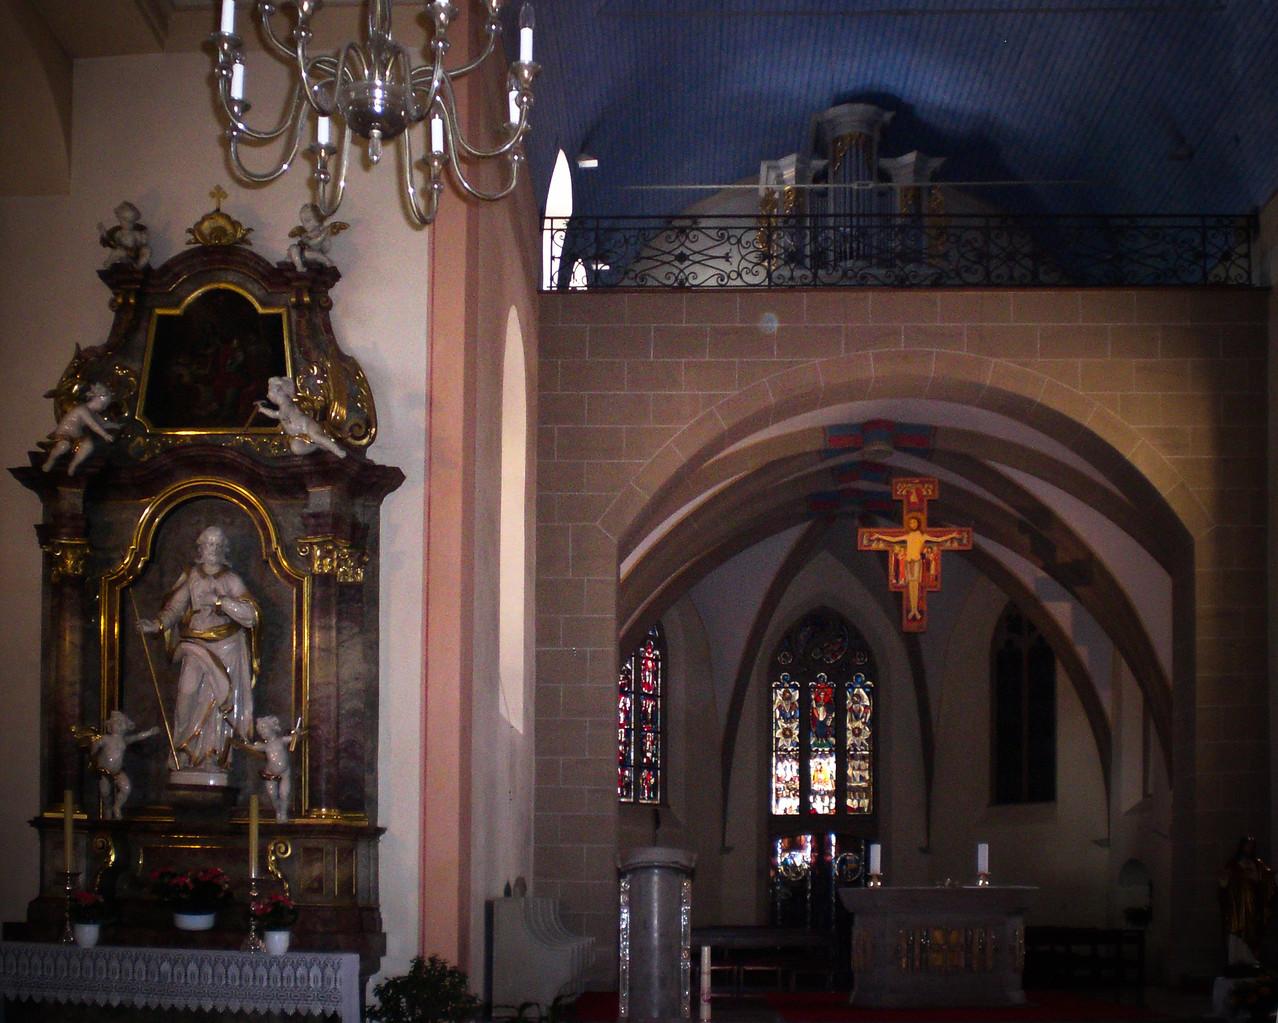 ...zur Marienwallfahrtskirche, ebenfalls in Waghäusel